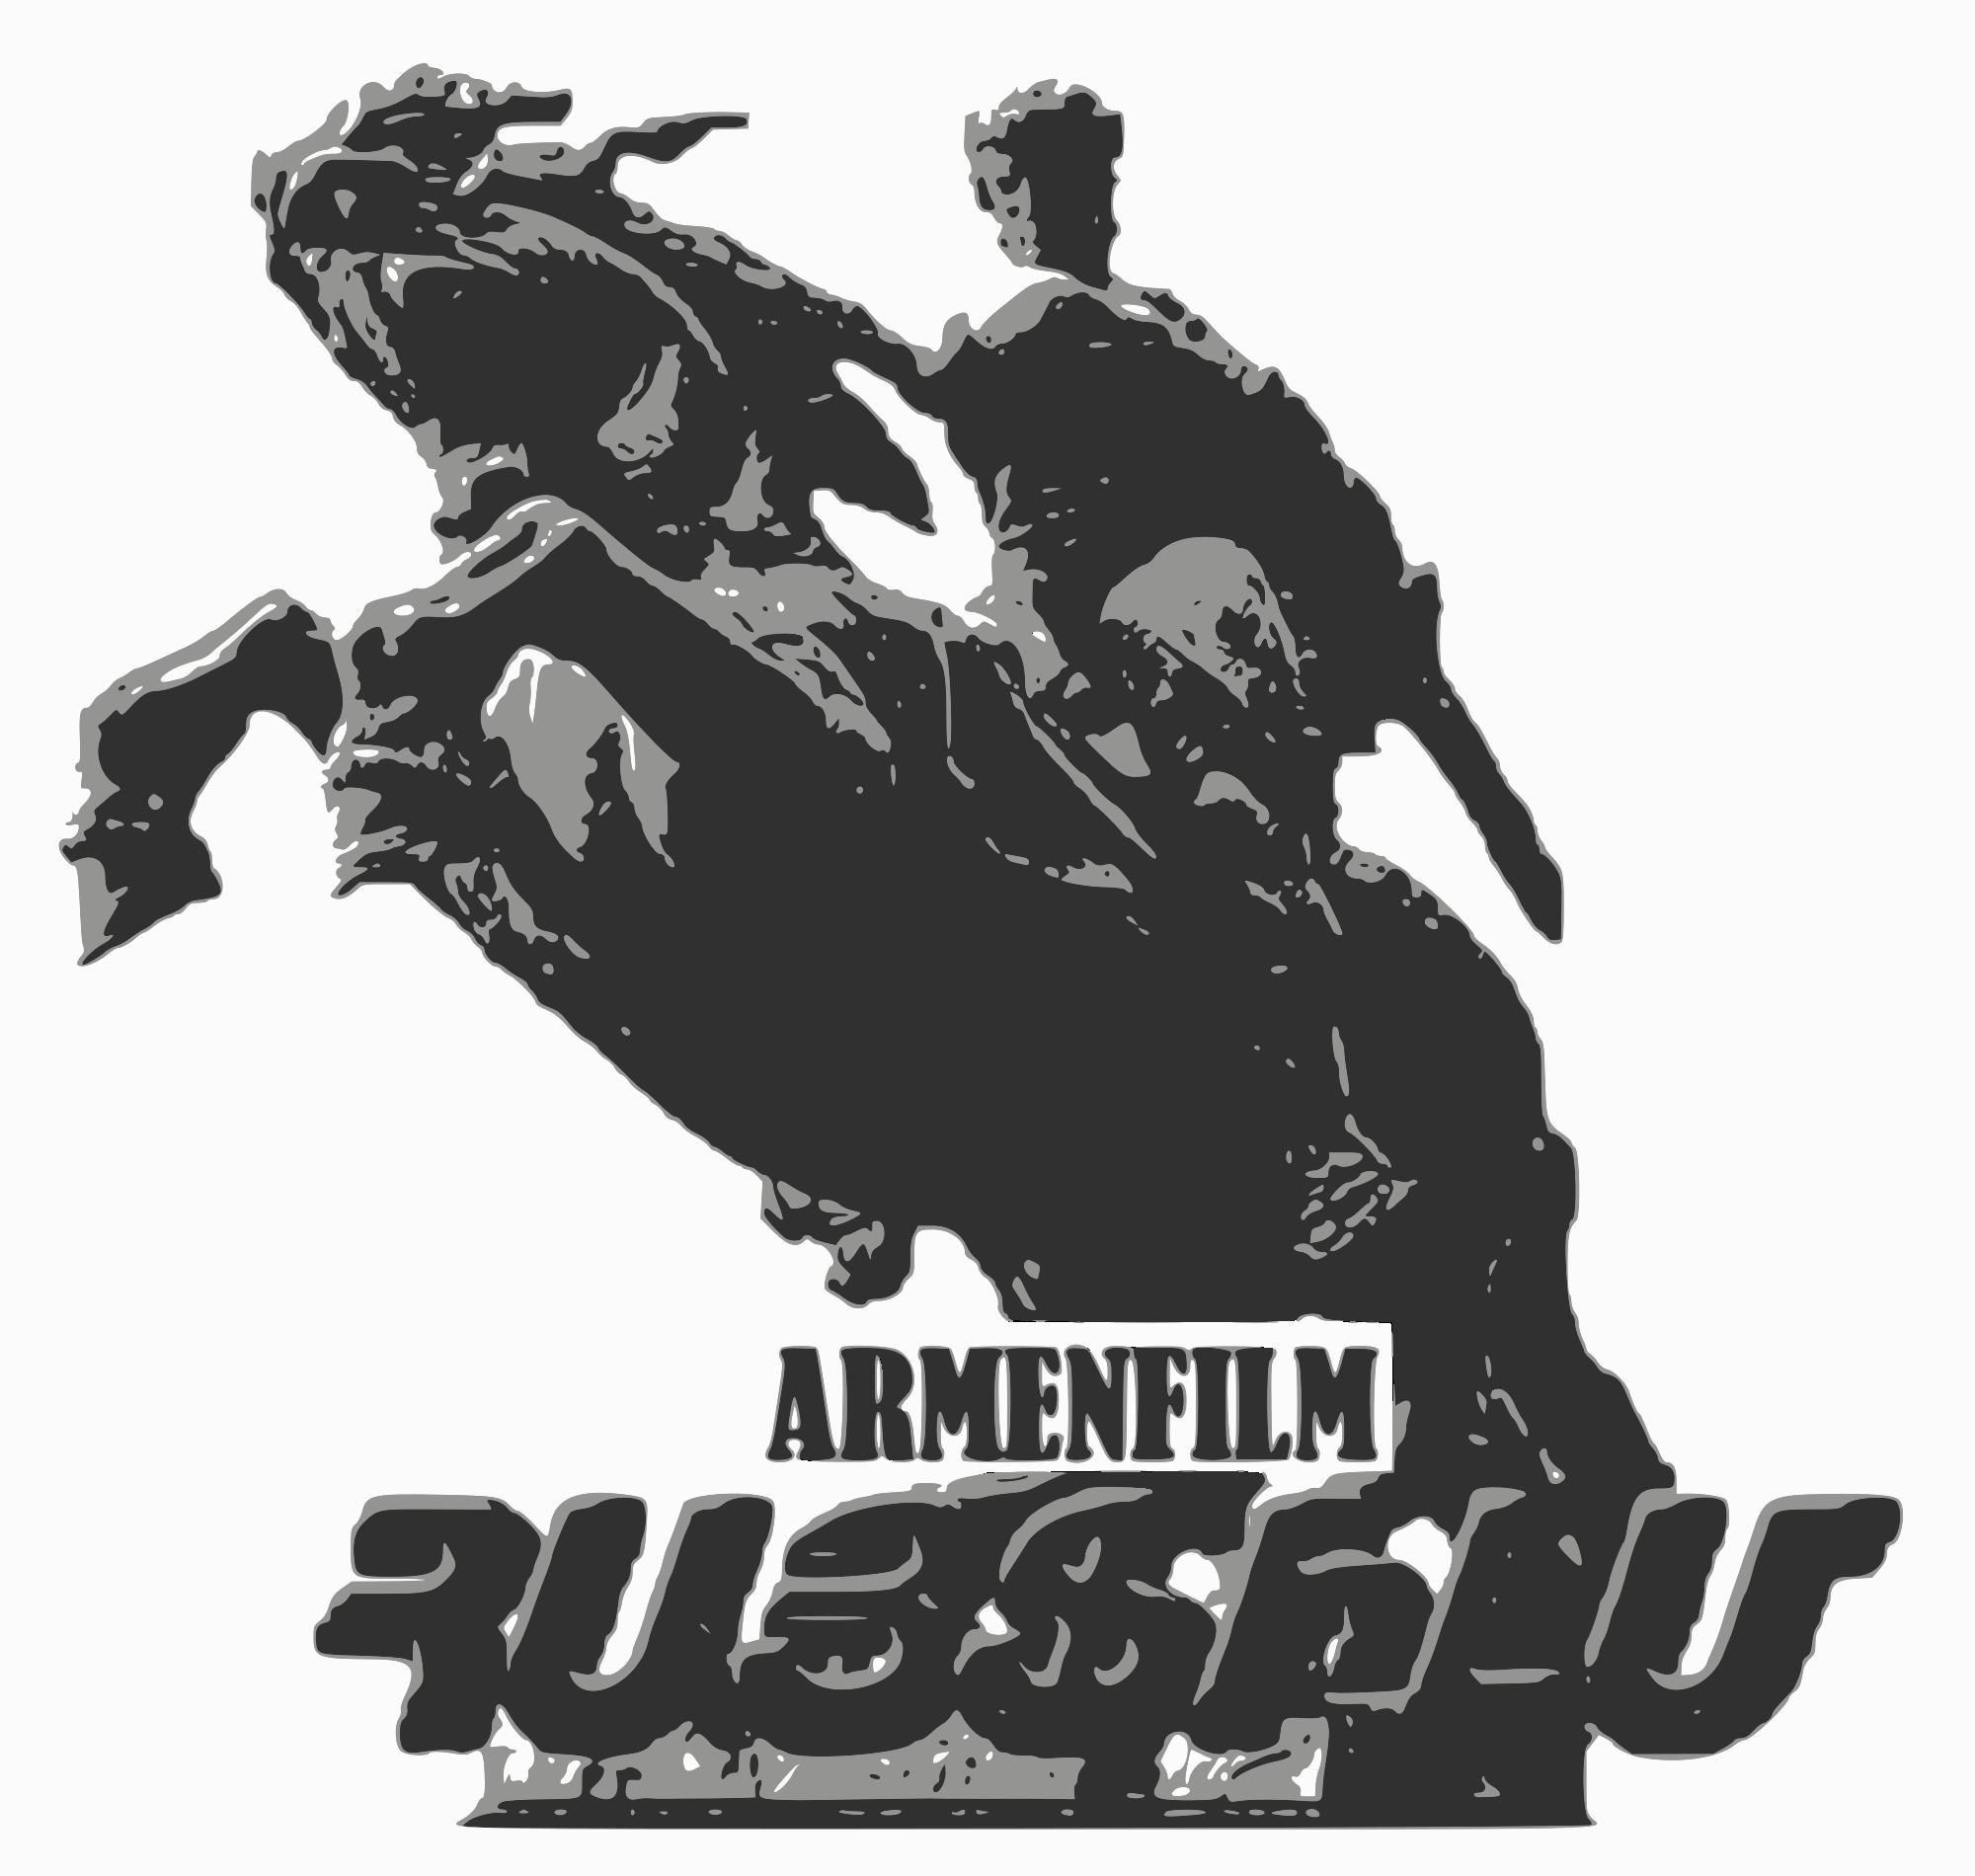 Armenia Studios